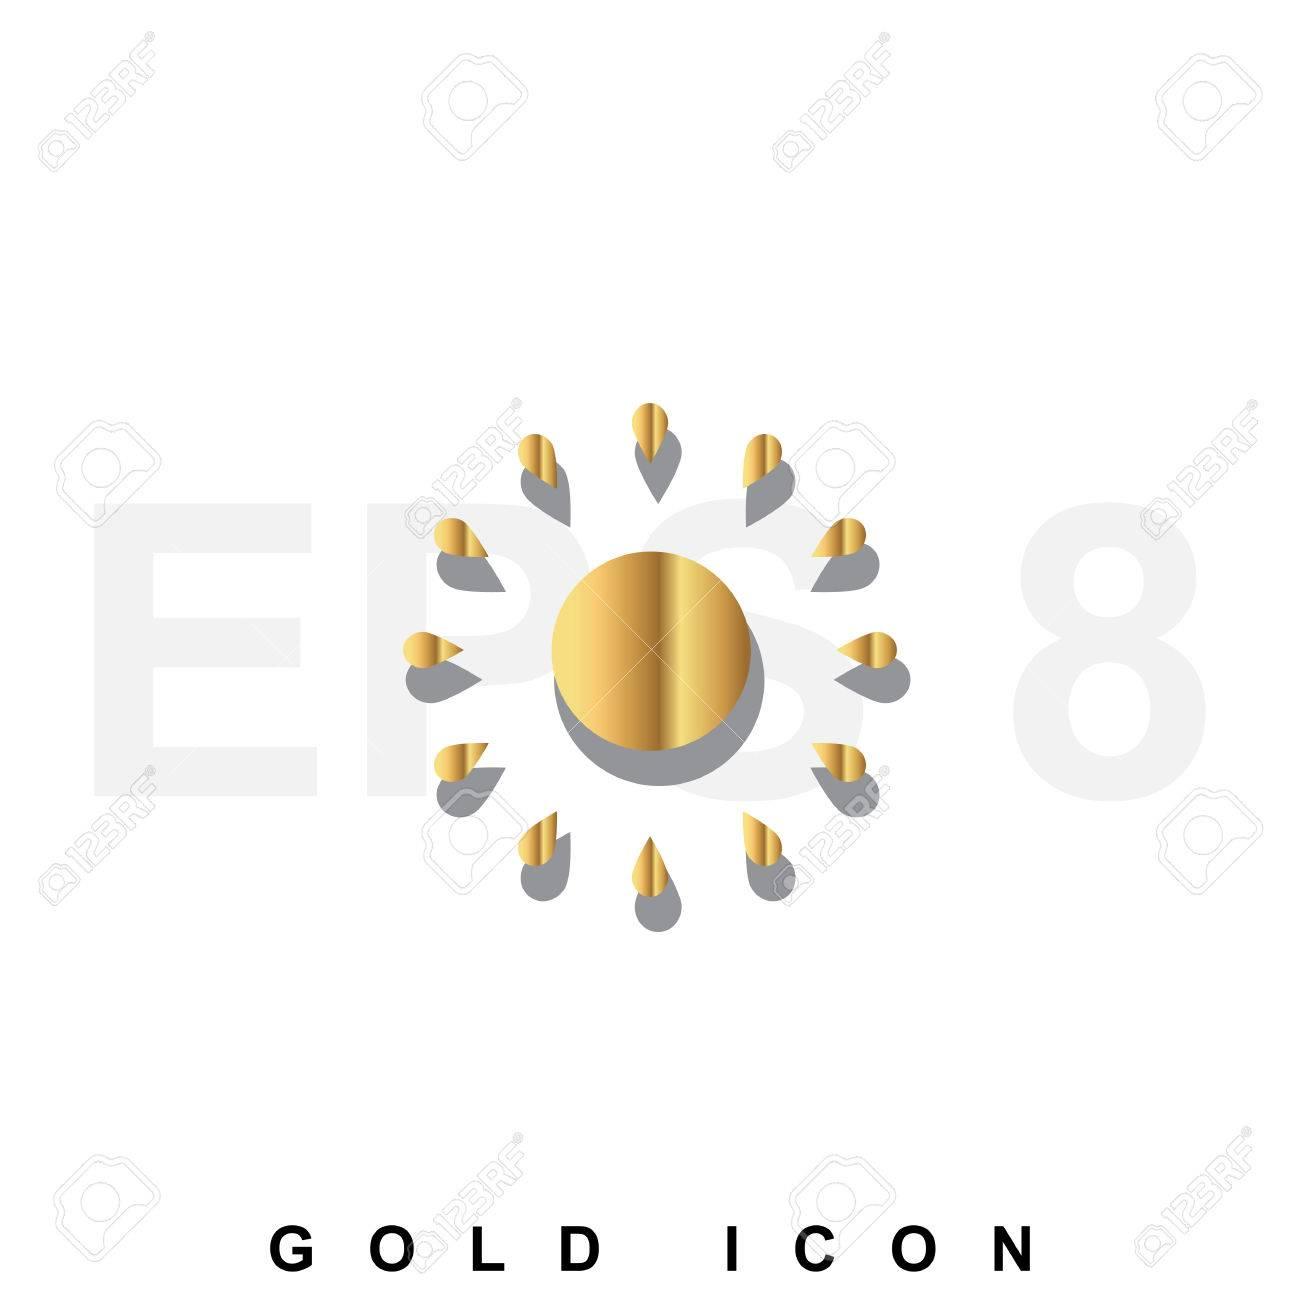 hight resolution of foto de archivo golden icono prima de sun gr fico elemento de dise o web o plantilla vector s mbolo de lujo real para los negocios internet